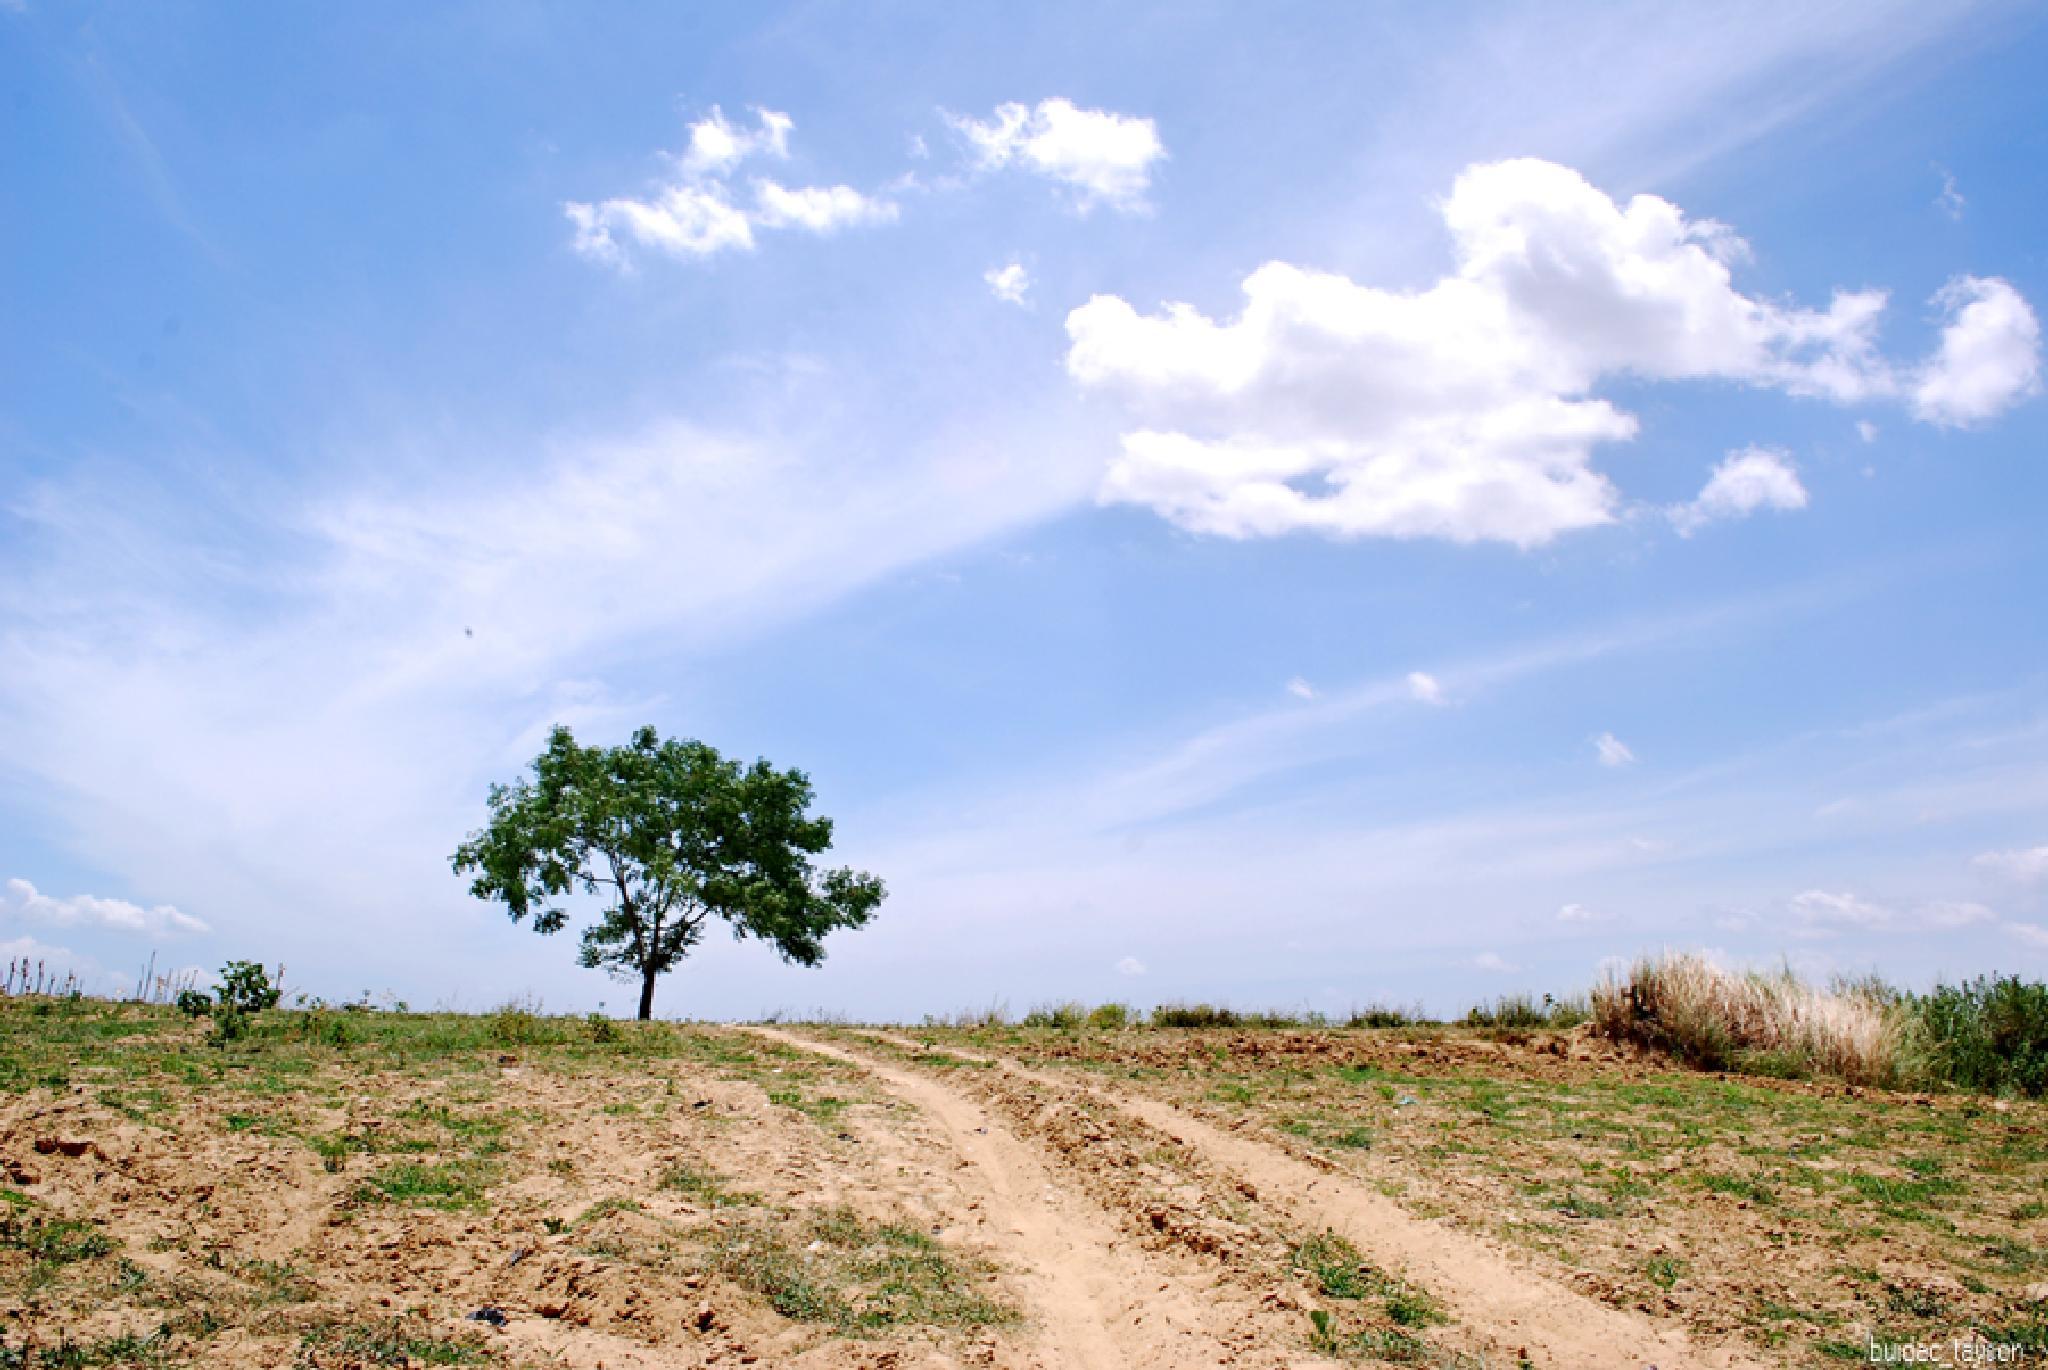 Alone by buidacninh